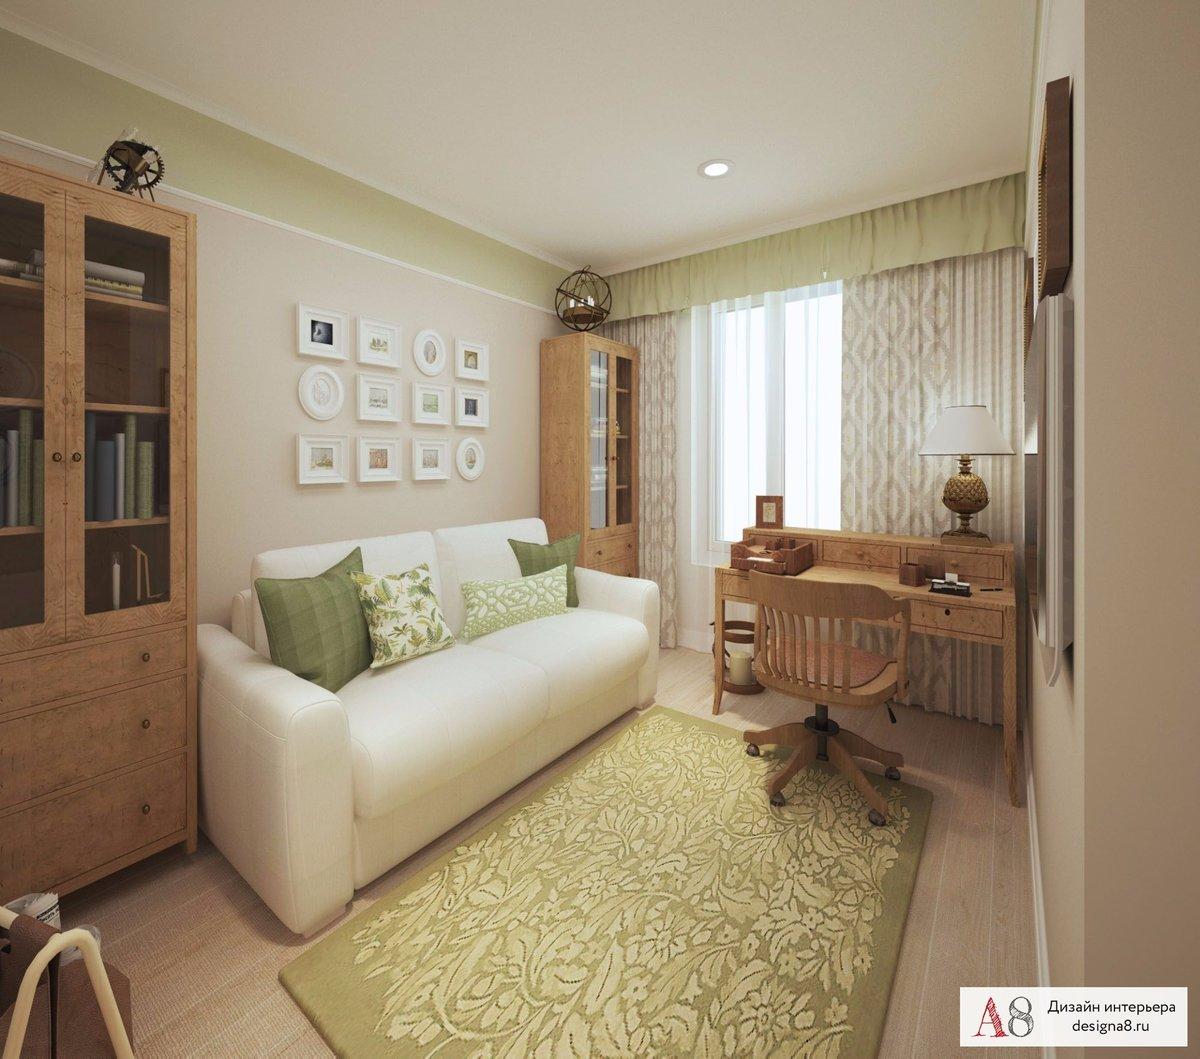 рамы простой дизайн двухкомнатной квартиры фото дерево хоть растет